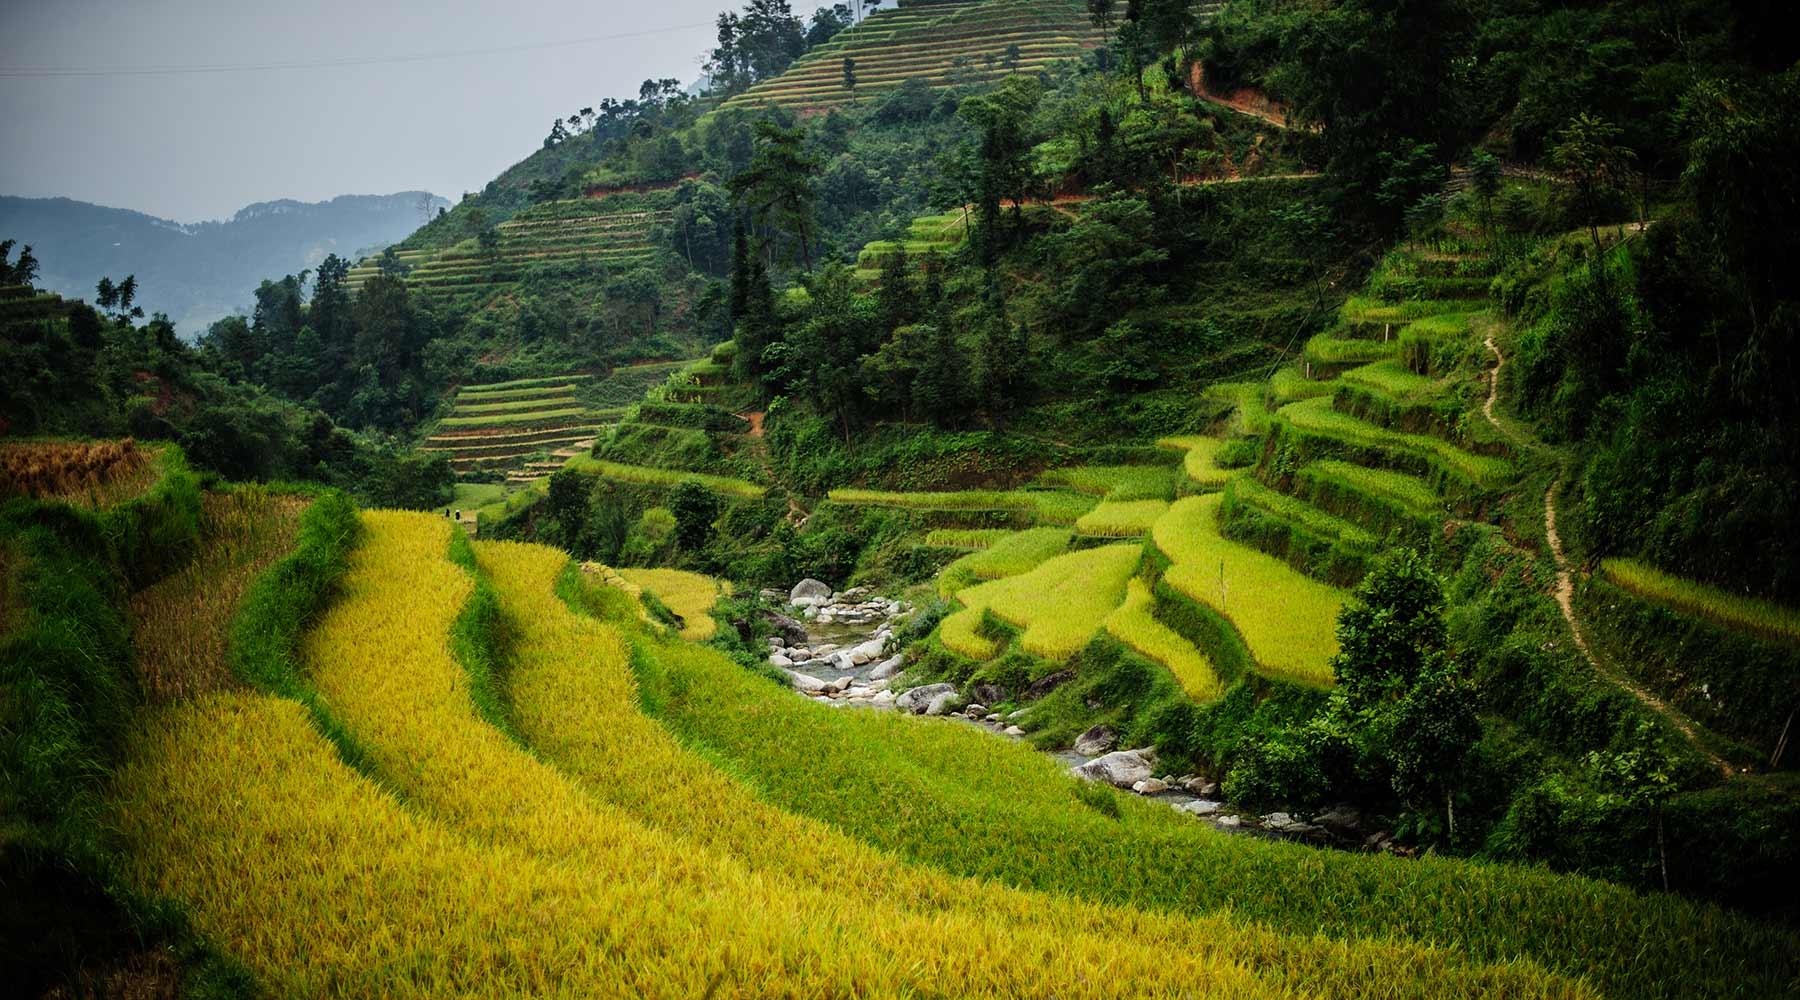 De rijstterrassen van Hoang Su Phi in Ha Giang